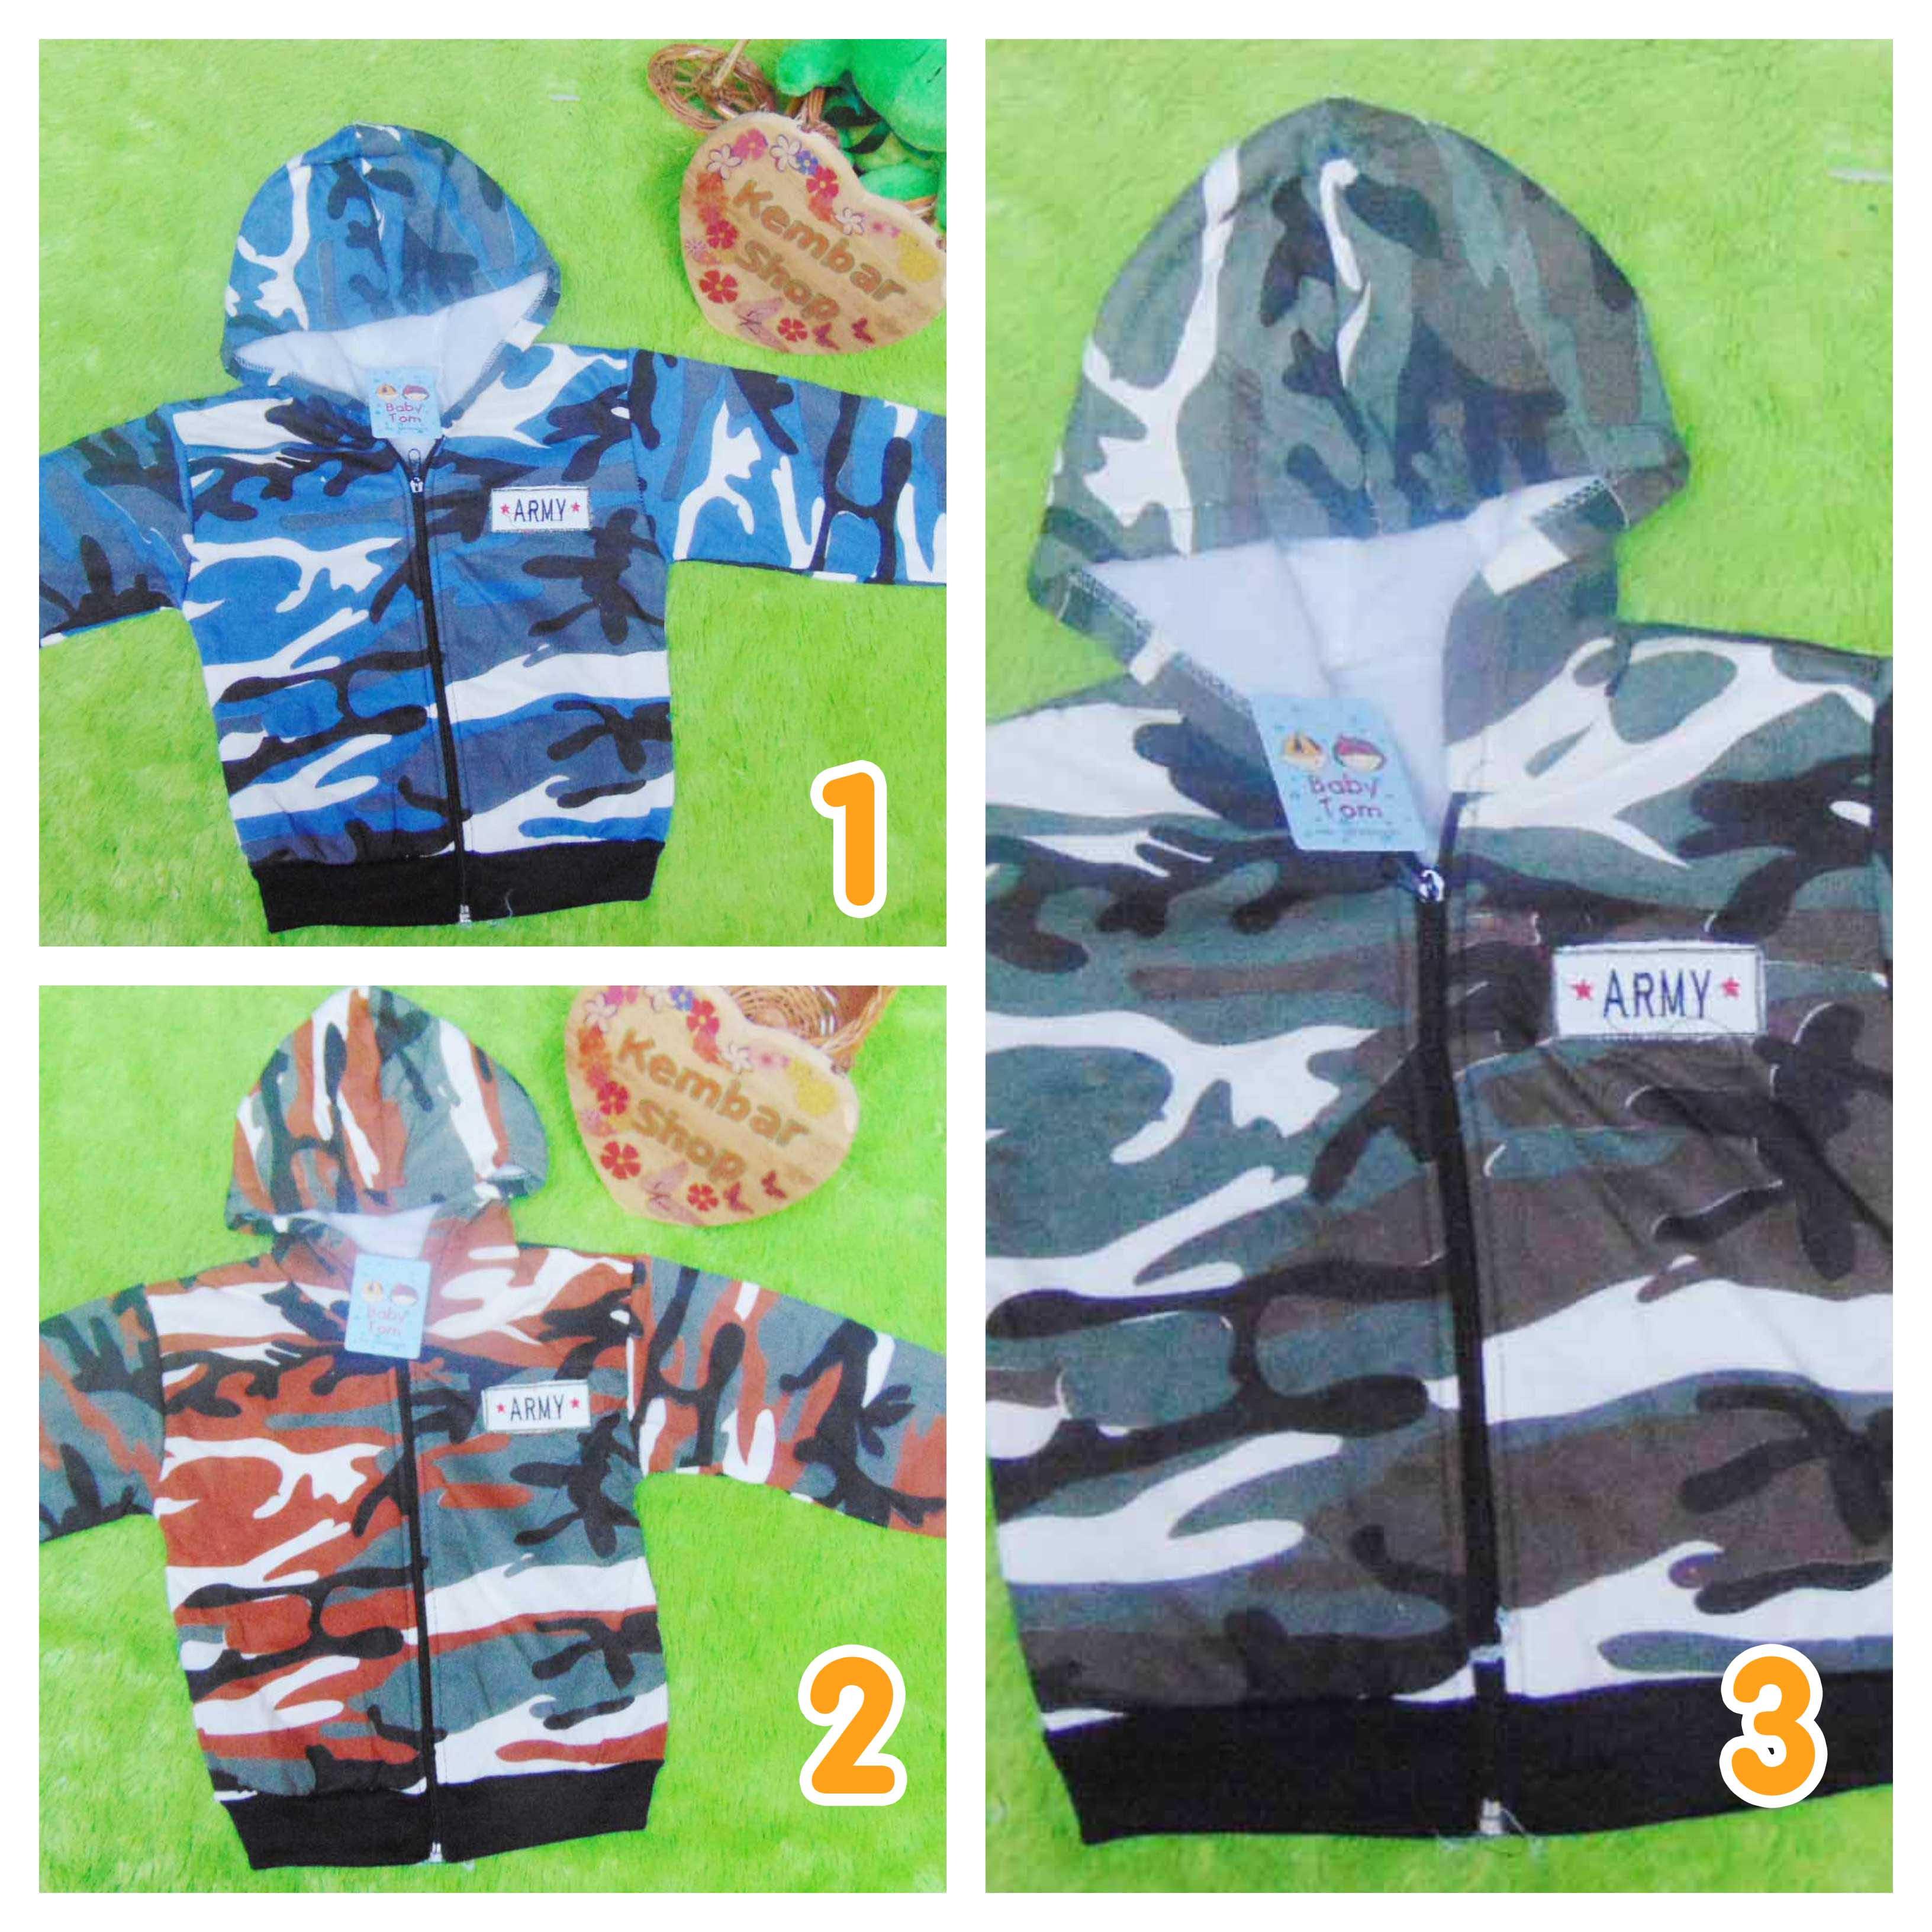 jaket bayi 0-12bulan motif army - utama copy